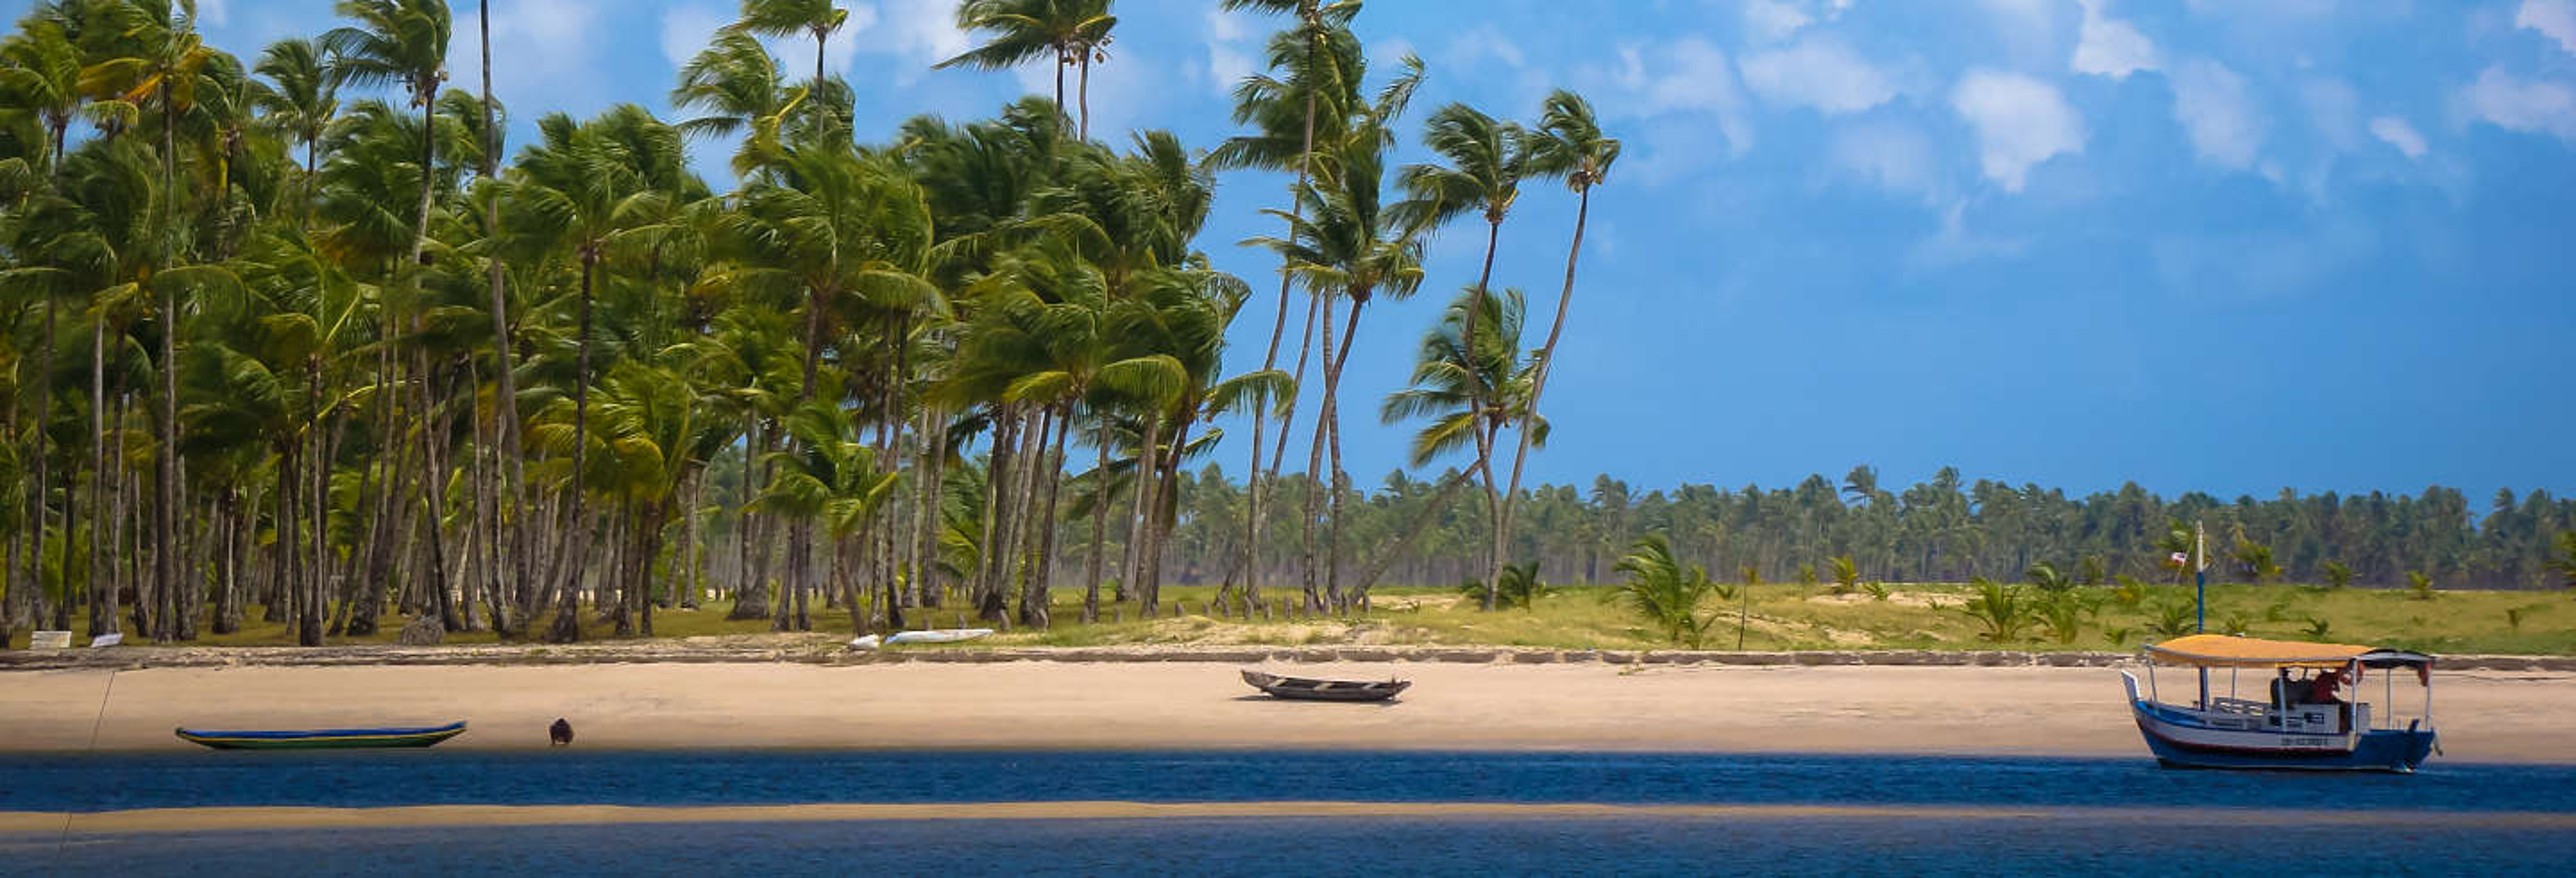 Excursão à praia Boca da Barra